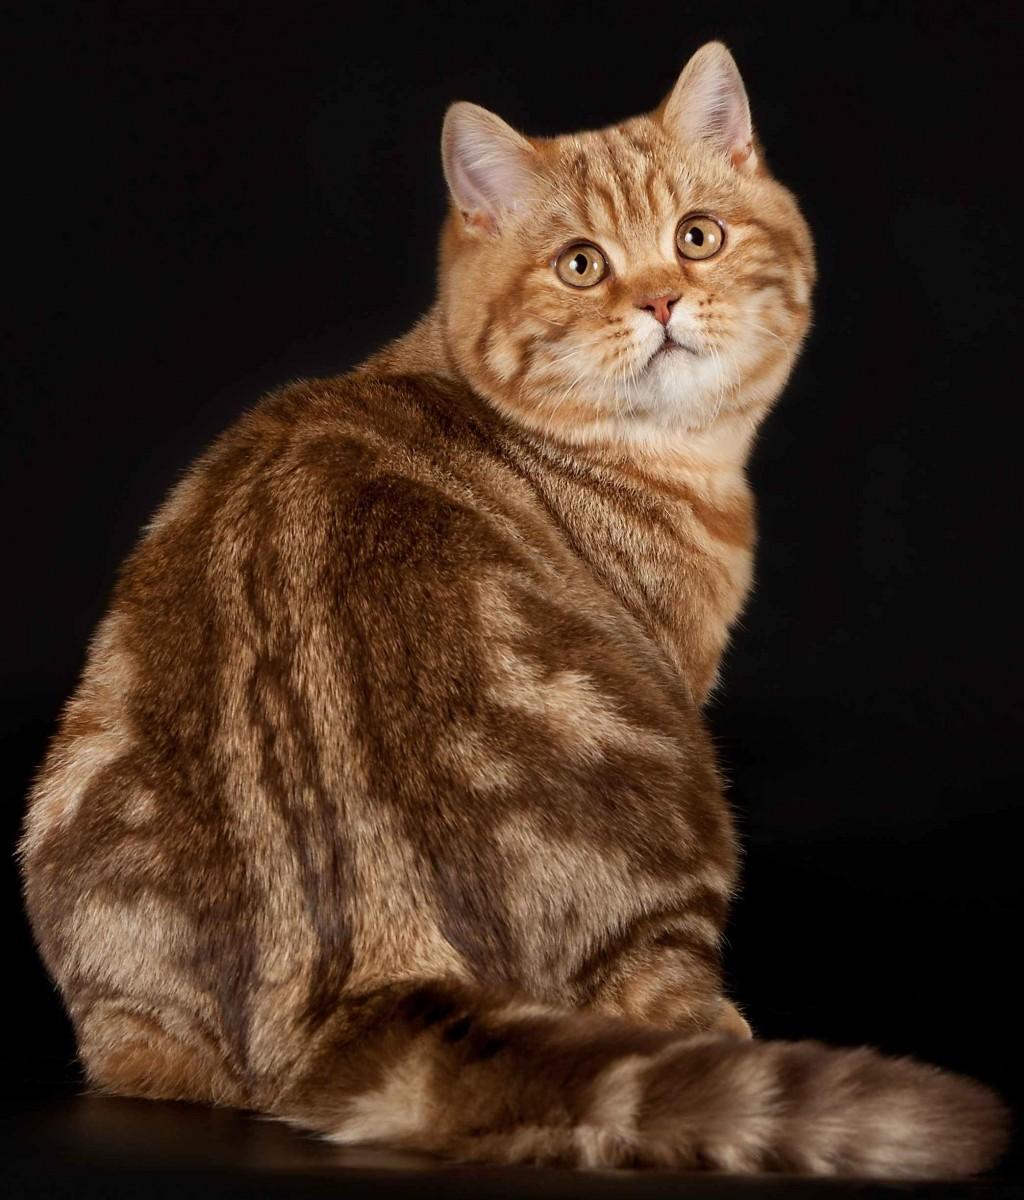 ブリティッシュショートヘア,猫,画像,貼っていく129